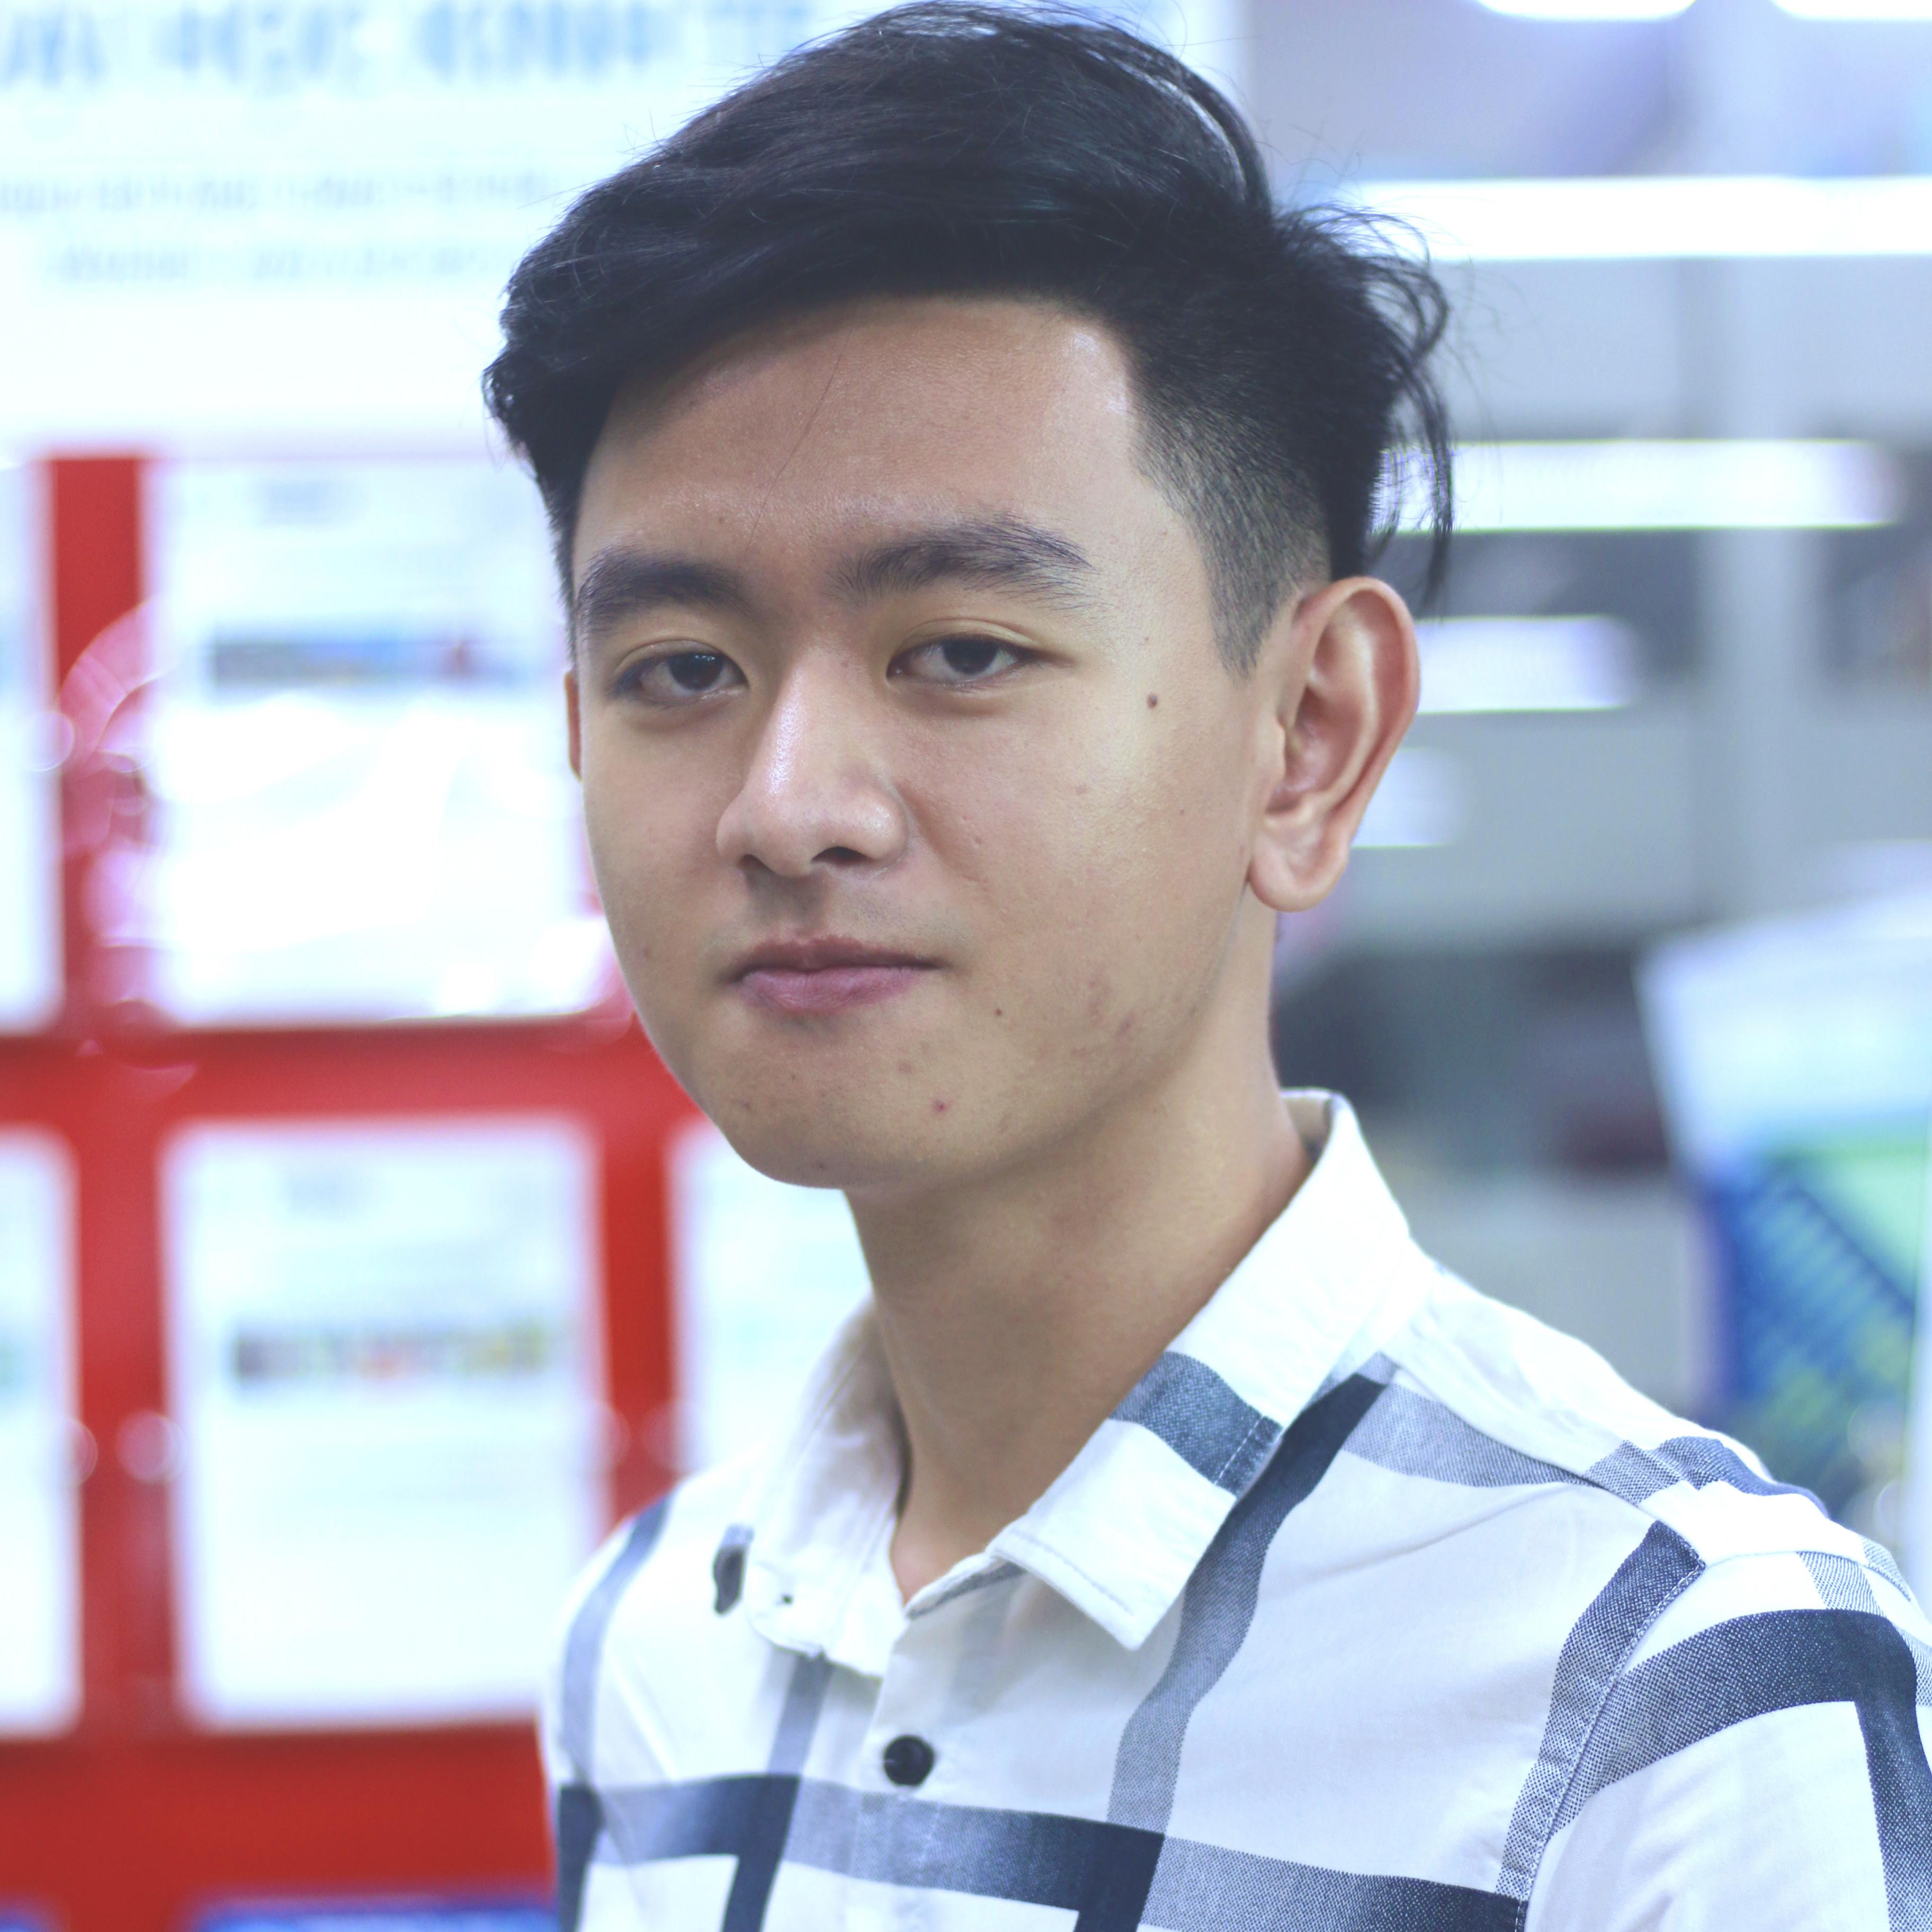 Huỳnh Phú Tuấn